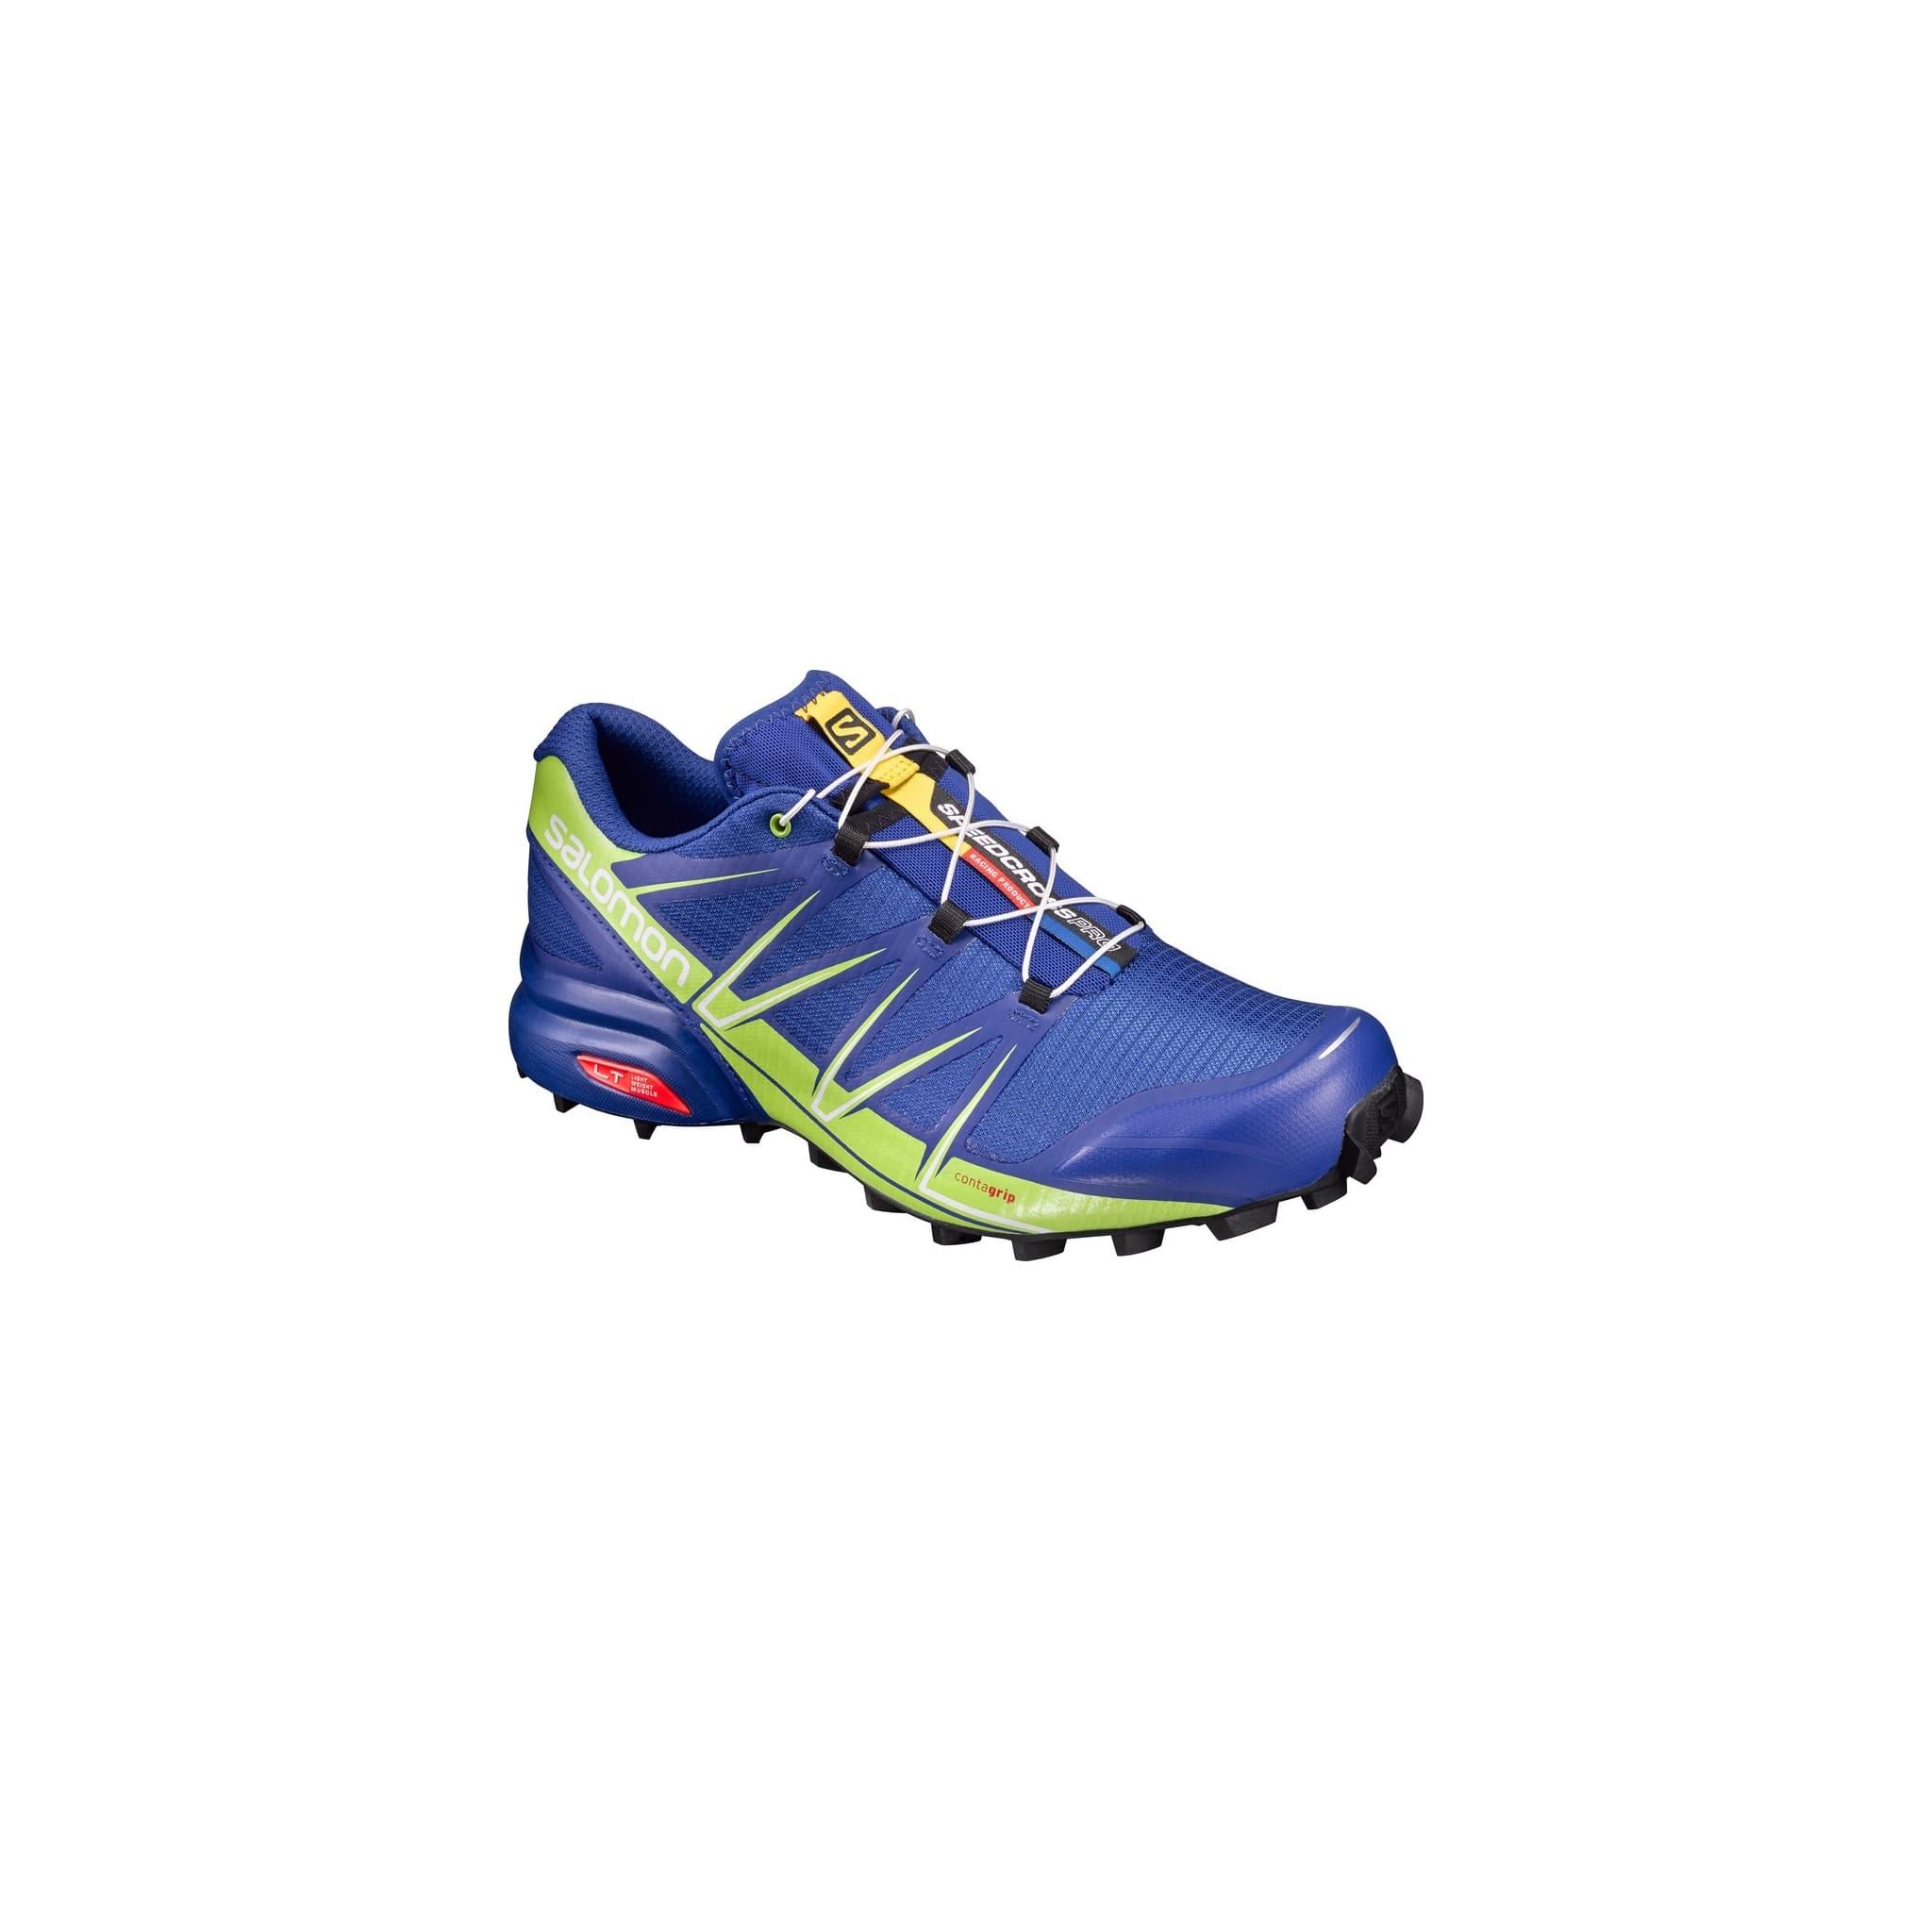 Lette sko for bruk på mykt og vått underlag